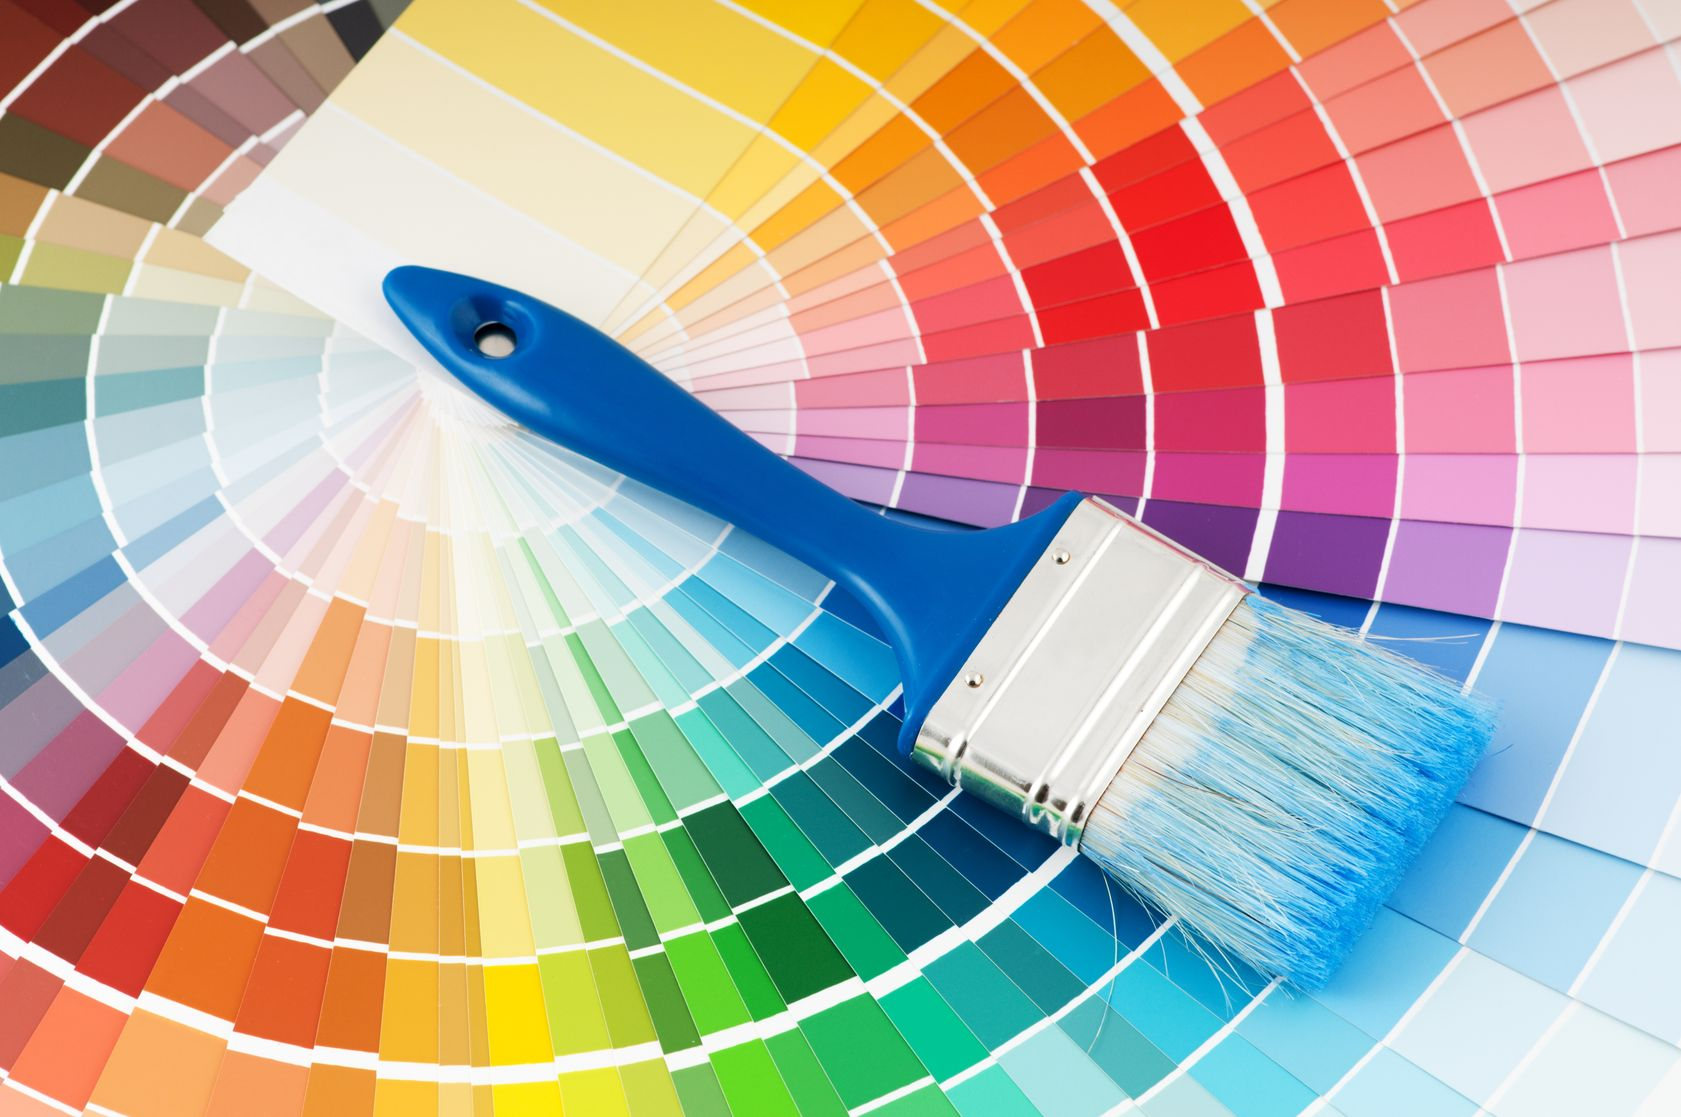 farbe im raum energie wirkung trends - Welche Farbe In Welchem Raum